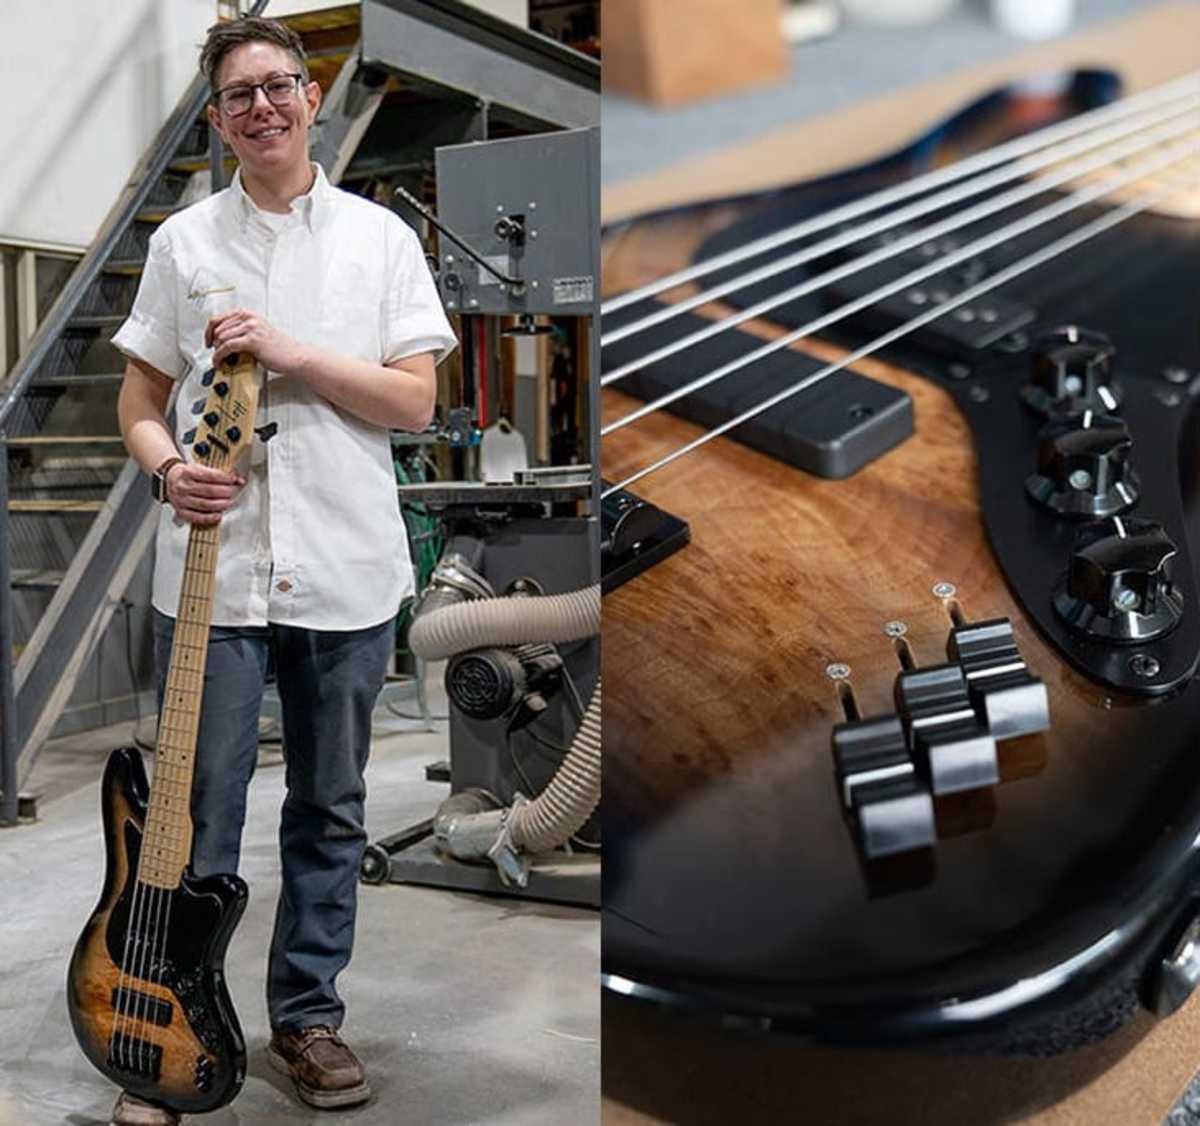 LEH-Guitars-image-1-d